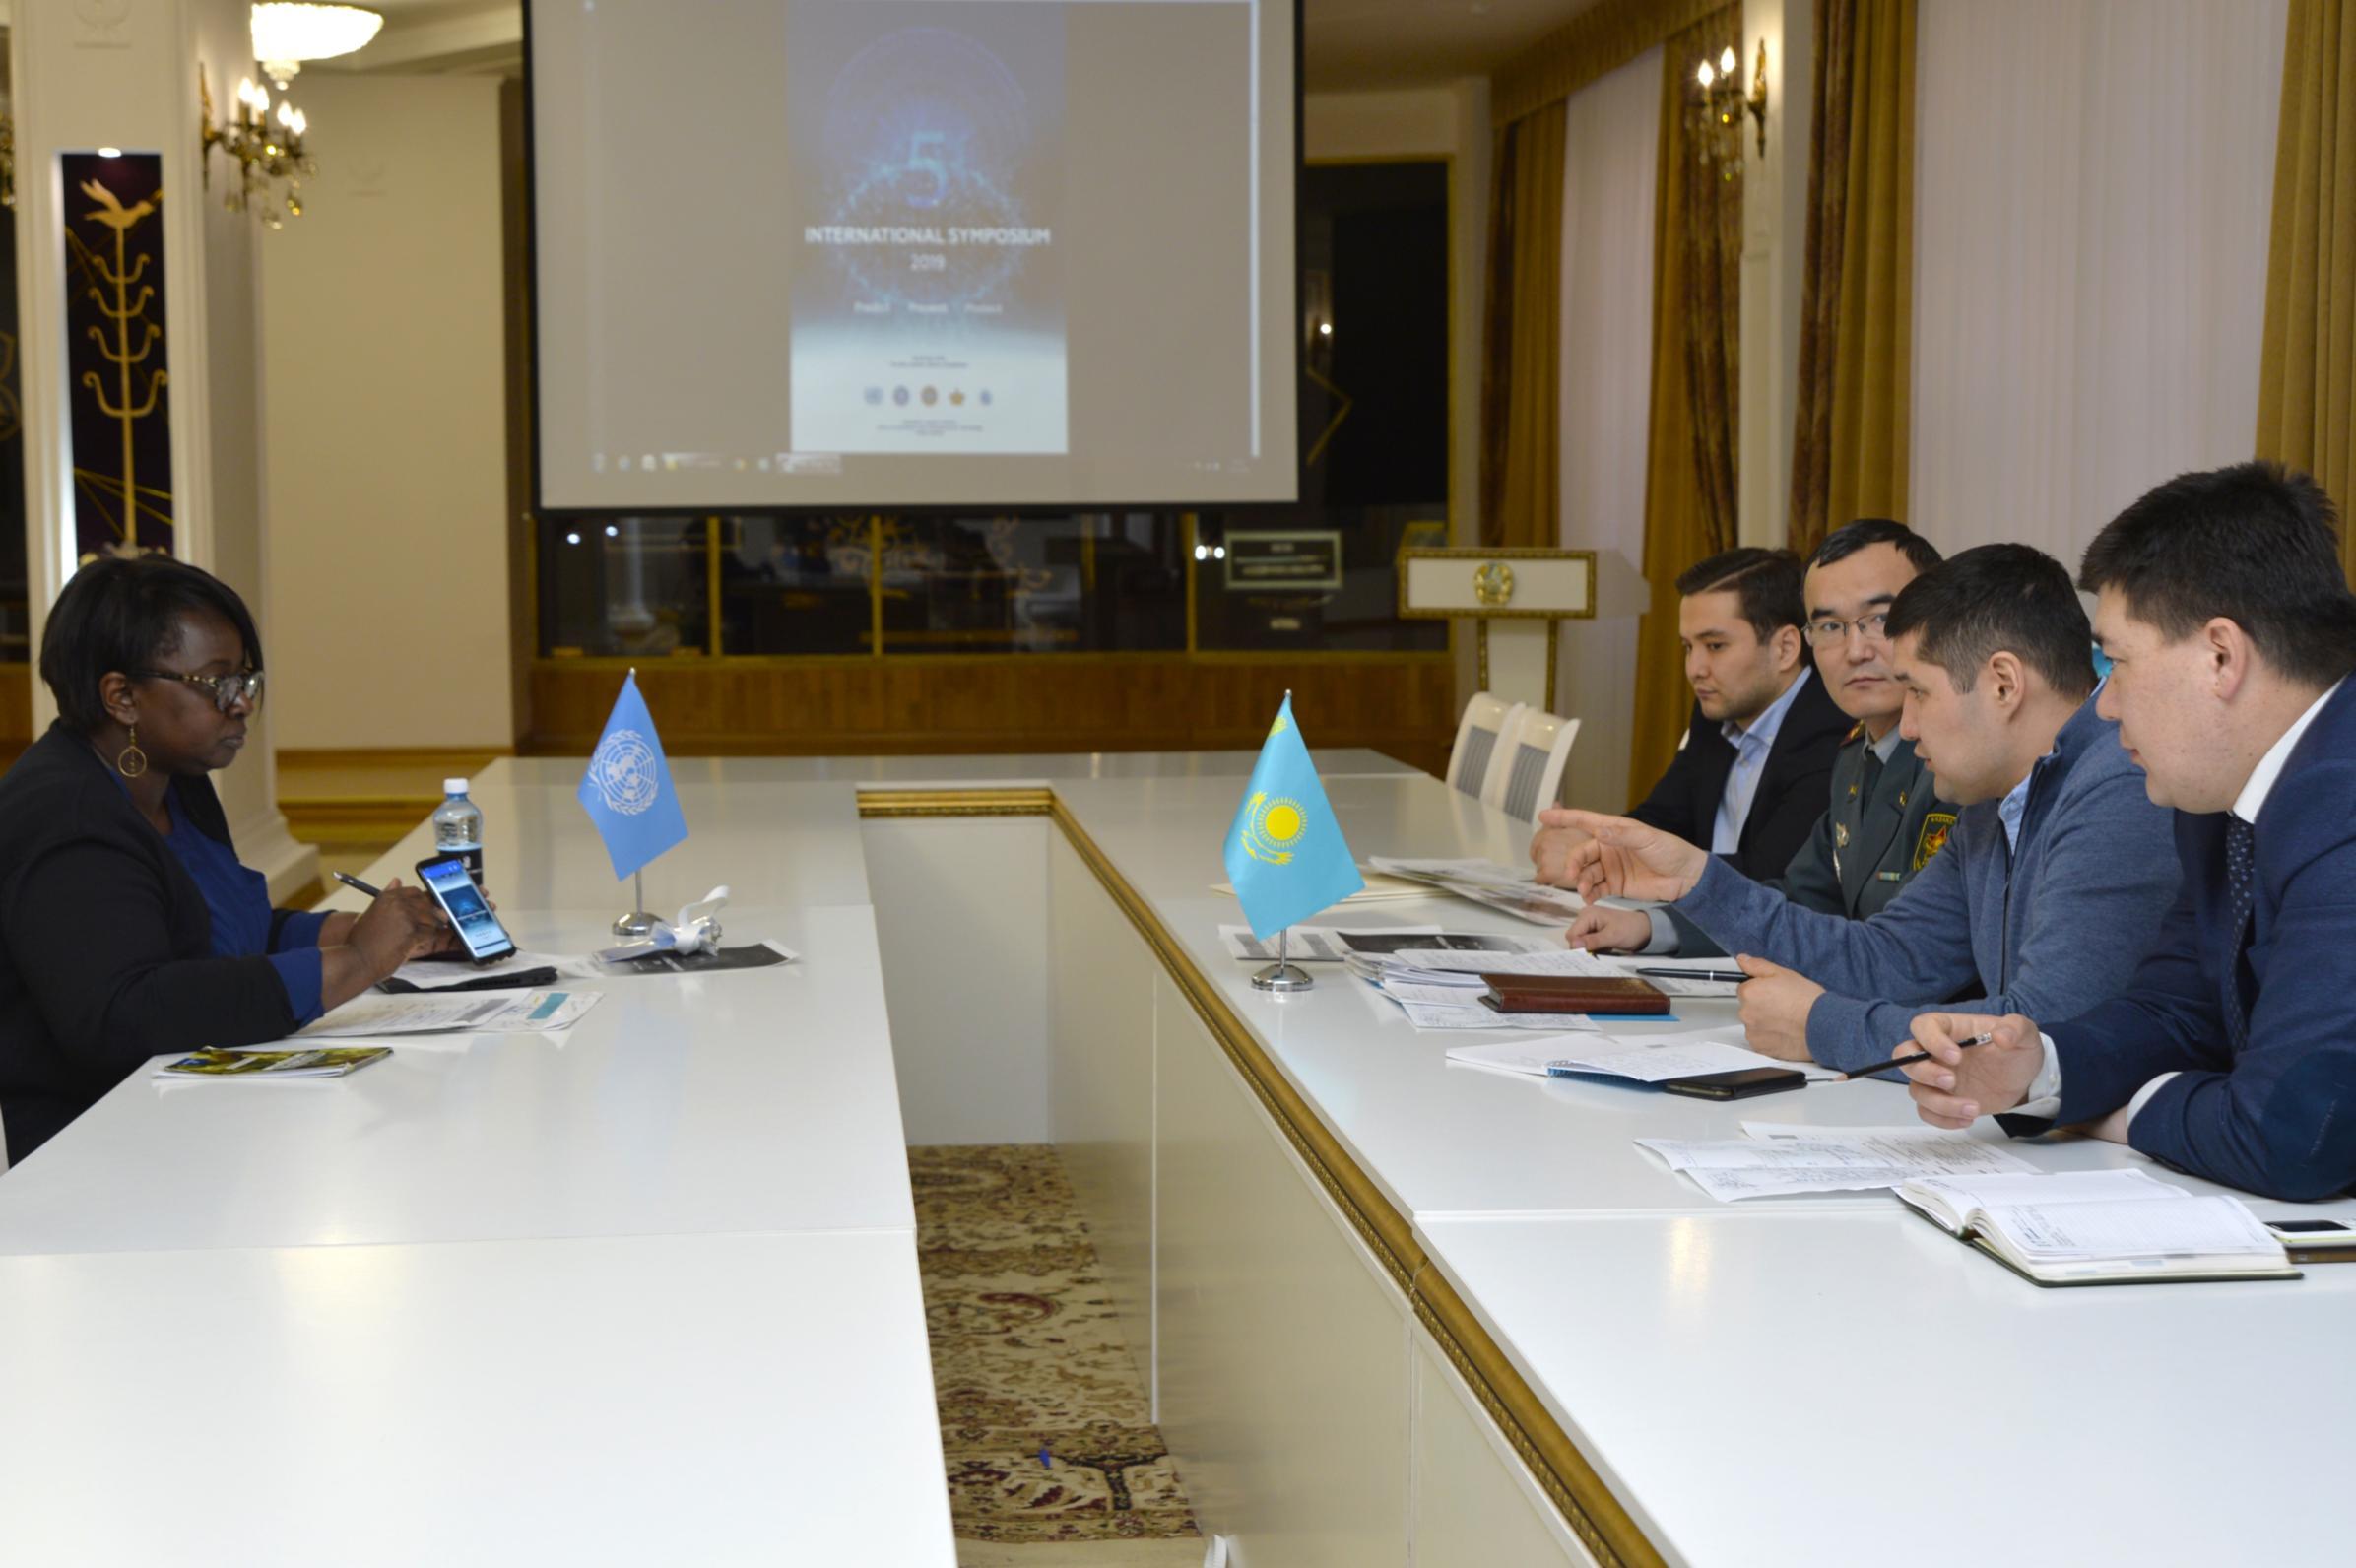 Астанада бітімгерлік жөніндегі V халықаралық симпозиум өтеді